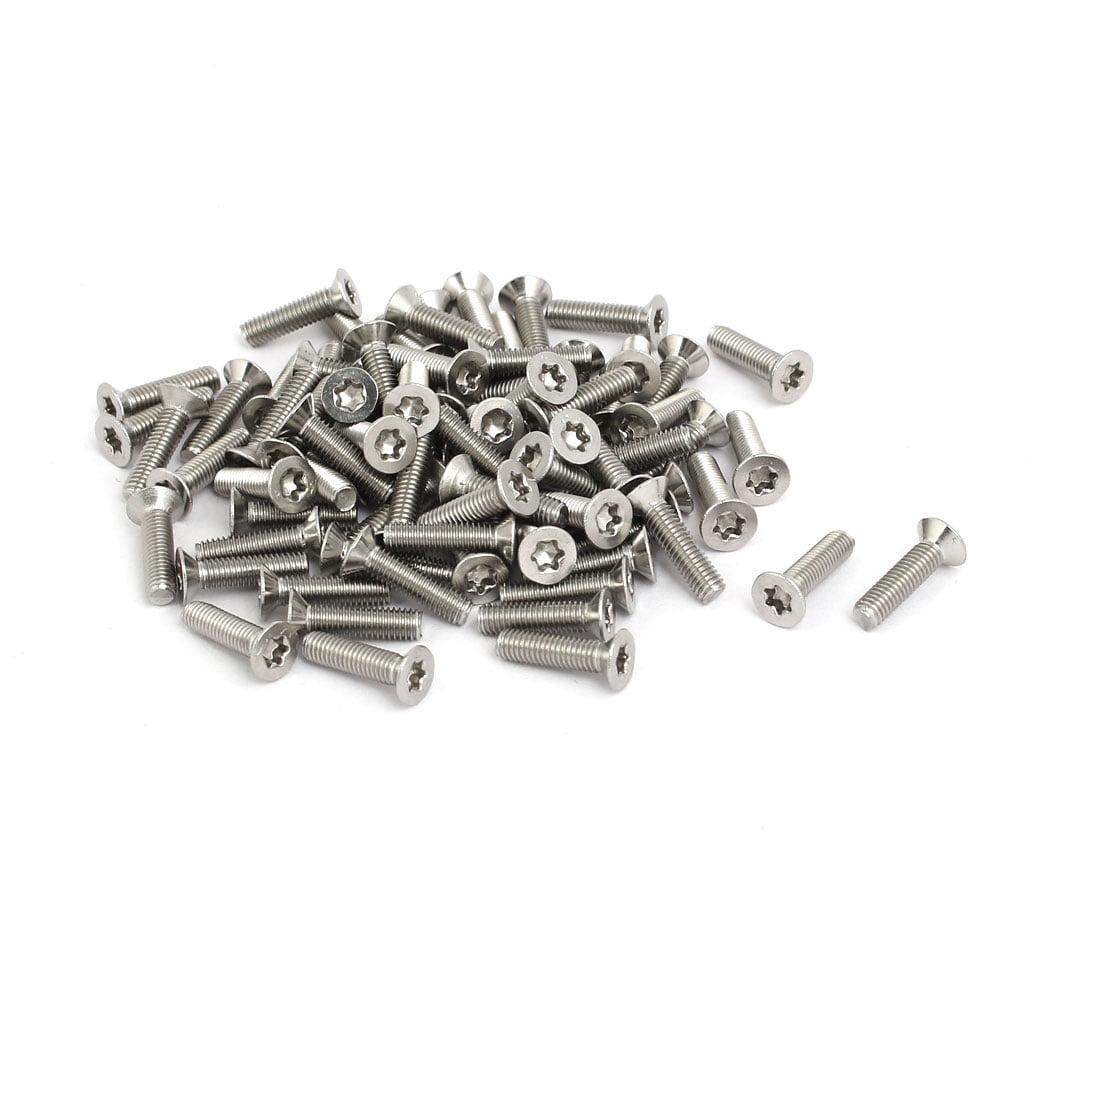 M3x12mm 304 Torx affleurant acier inox Type entra nement 80pc Argenté - image 3 de 3